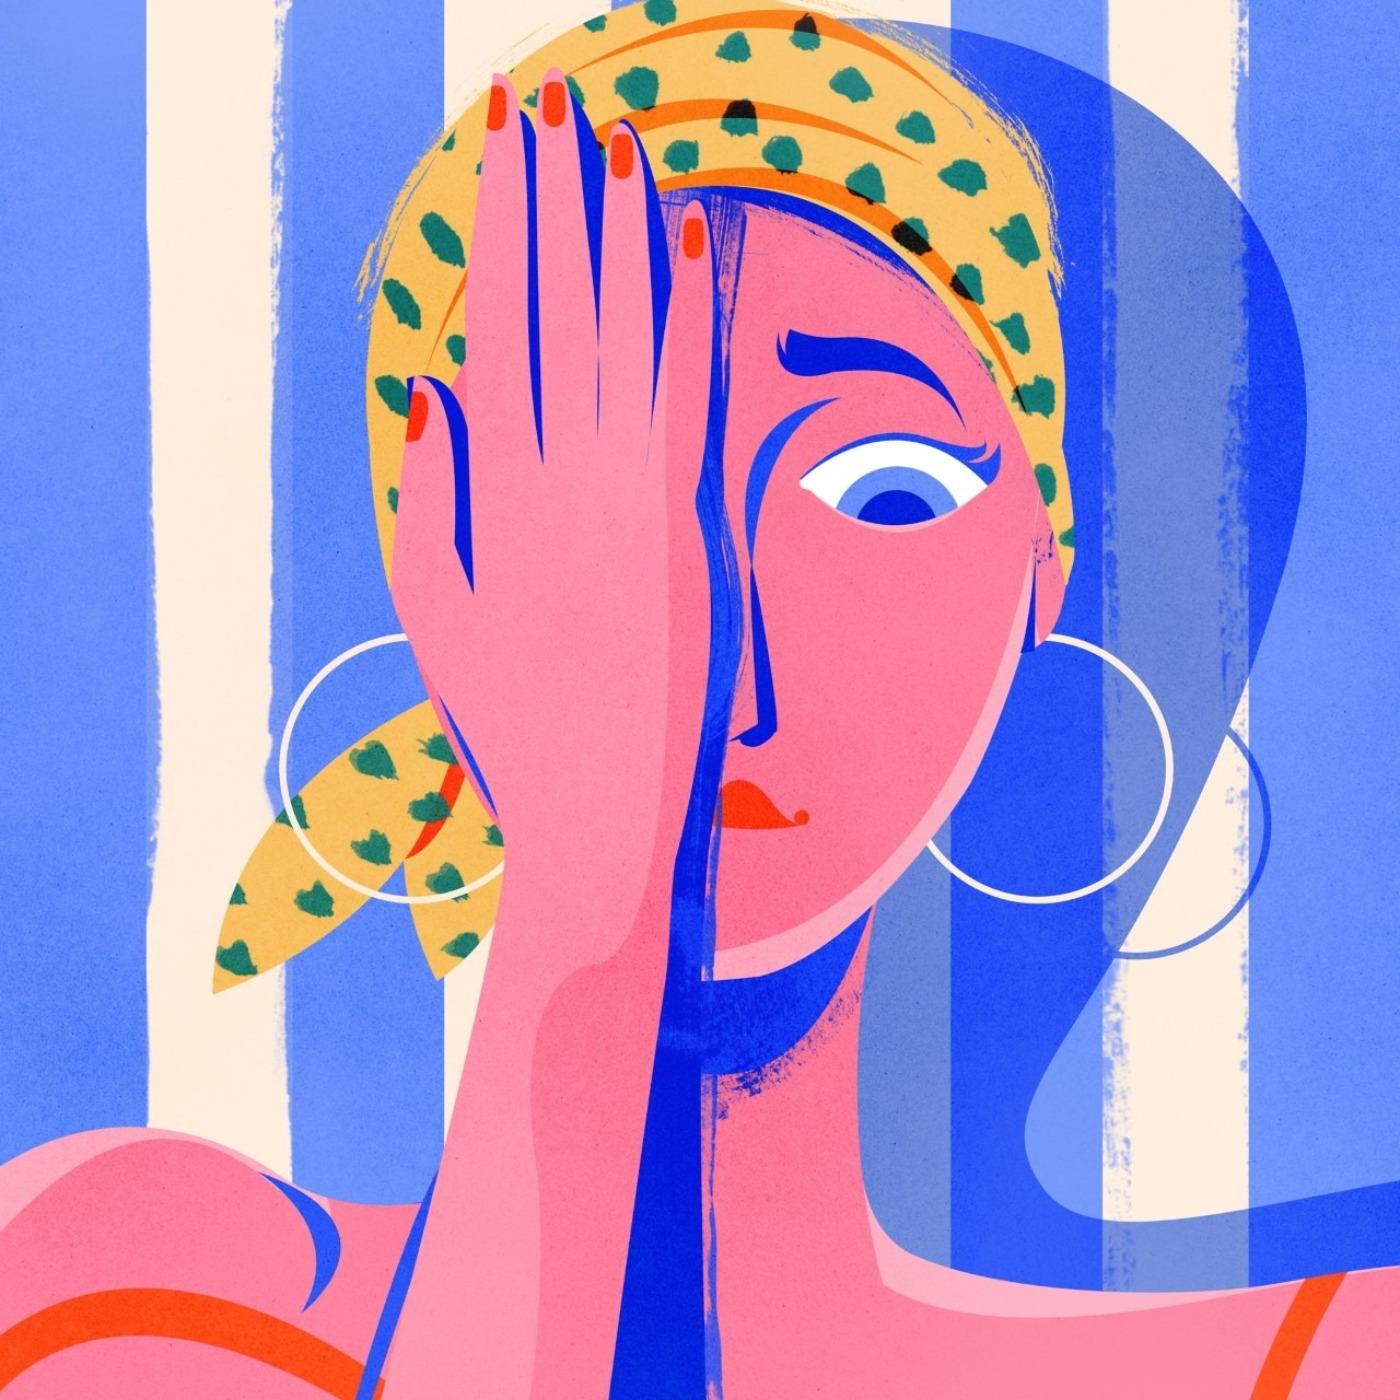 Dans la vie de Manon, pendant et après son cancer du sein